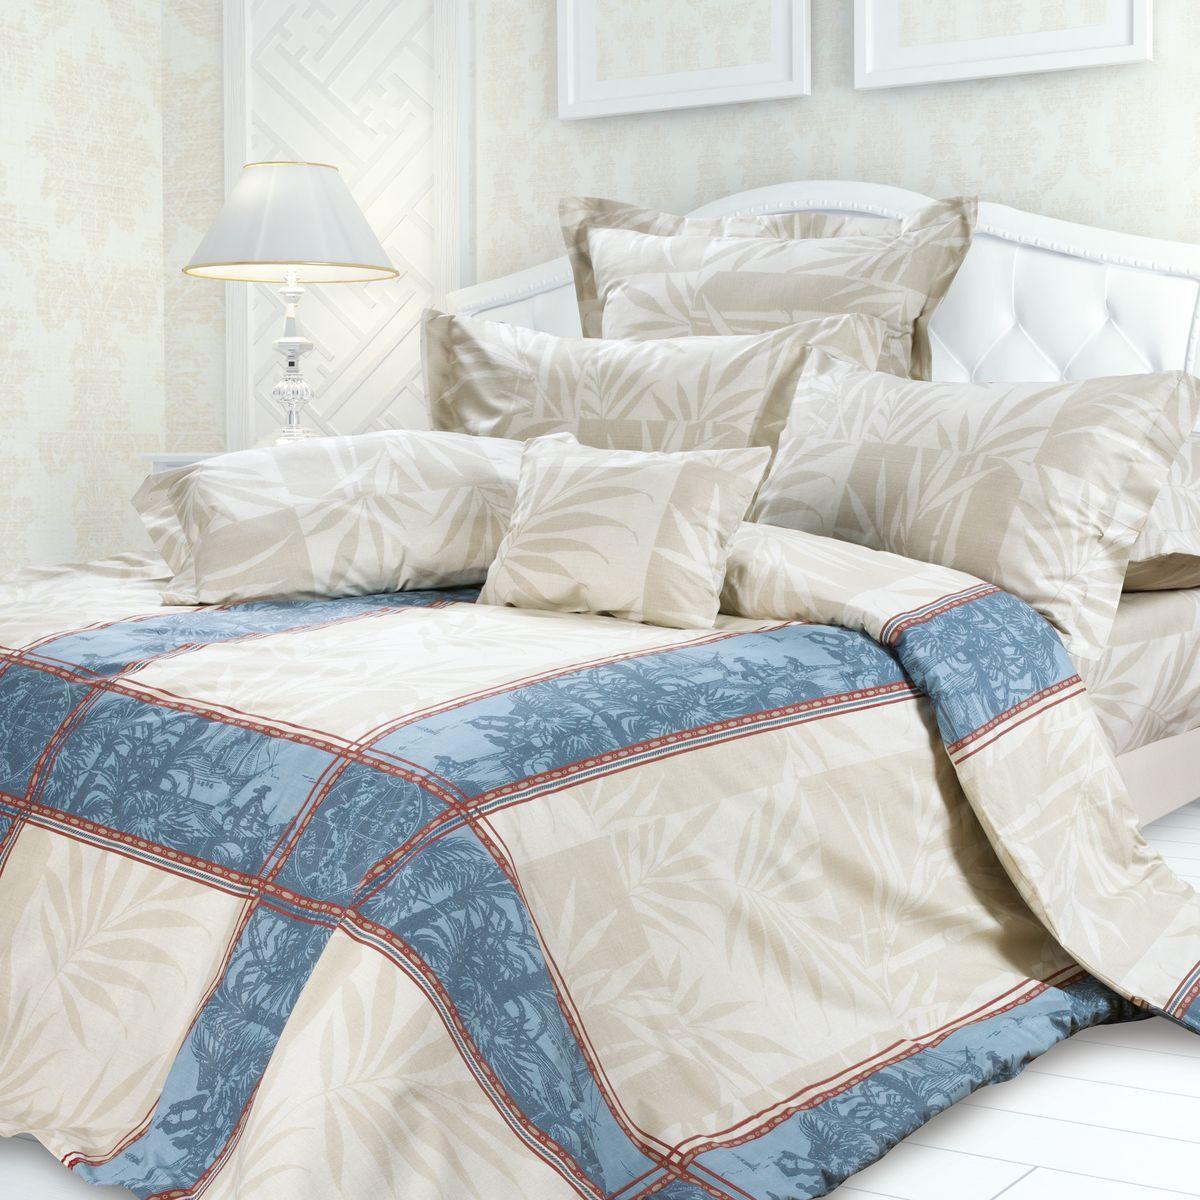 Комплект белья Унисон Кортес, евро, наволочки 50 x 70, цвет: серый. 239618239618